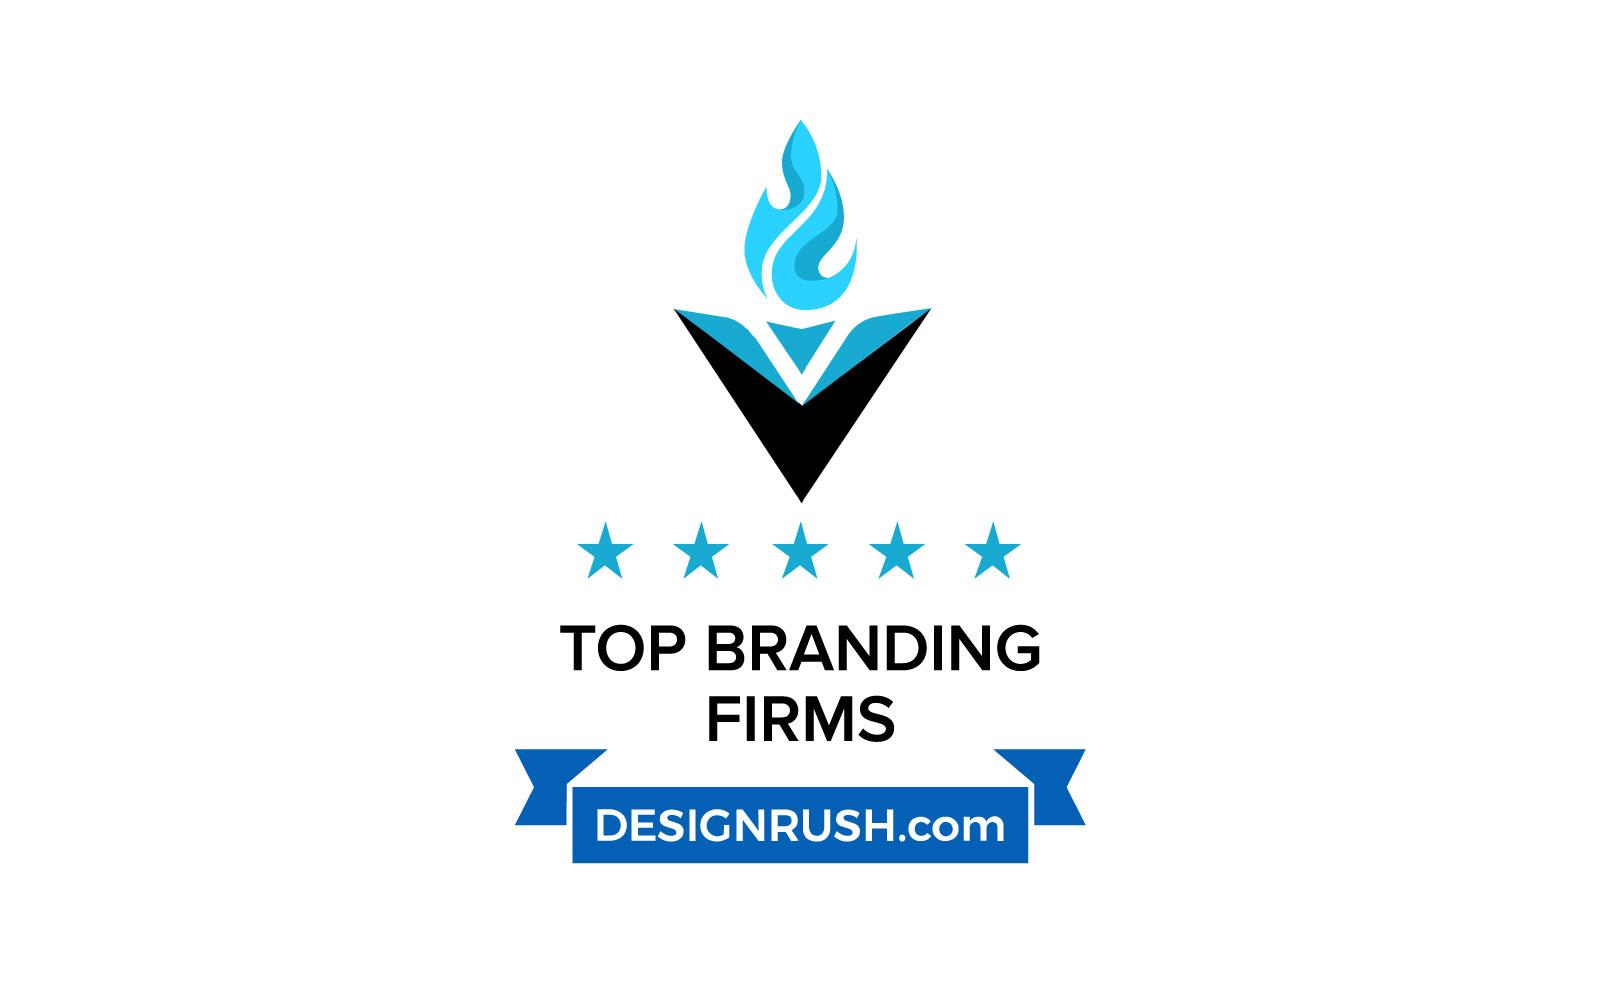 Top branding agencies in Chicago